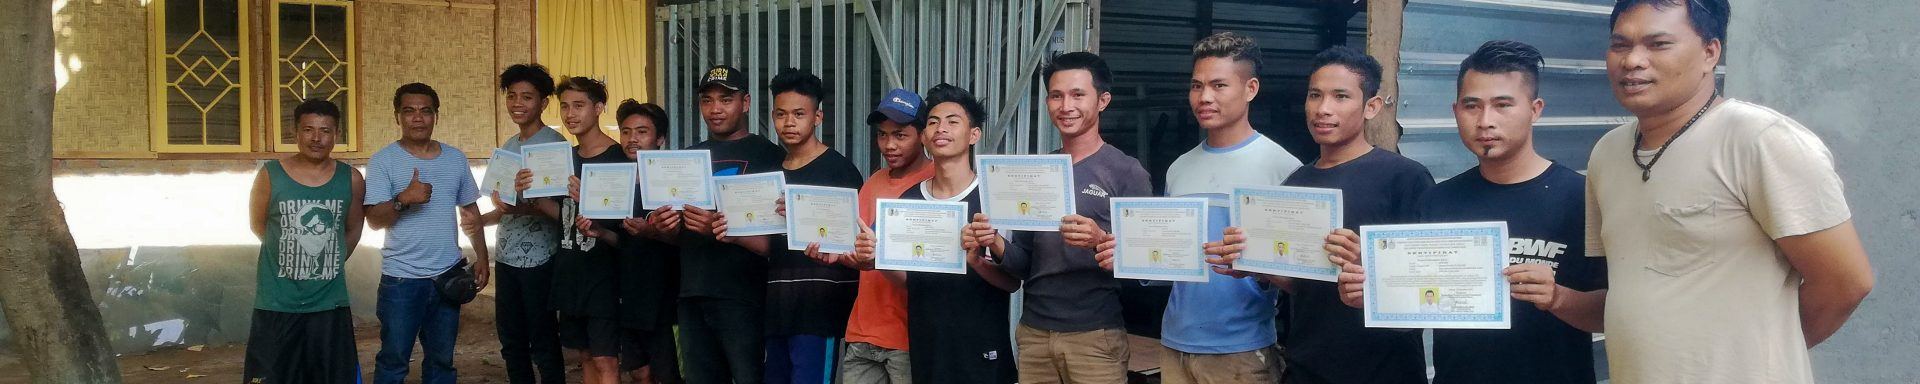 Pas afgestudeerde studenten metaalbewerking ontvangen hun diploma in Lombok.